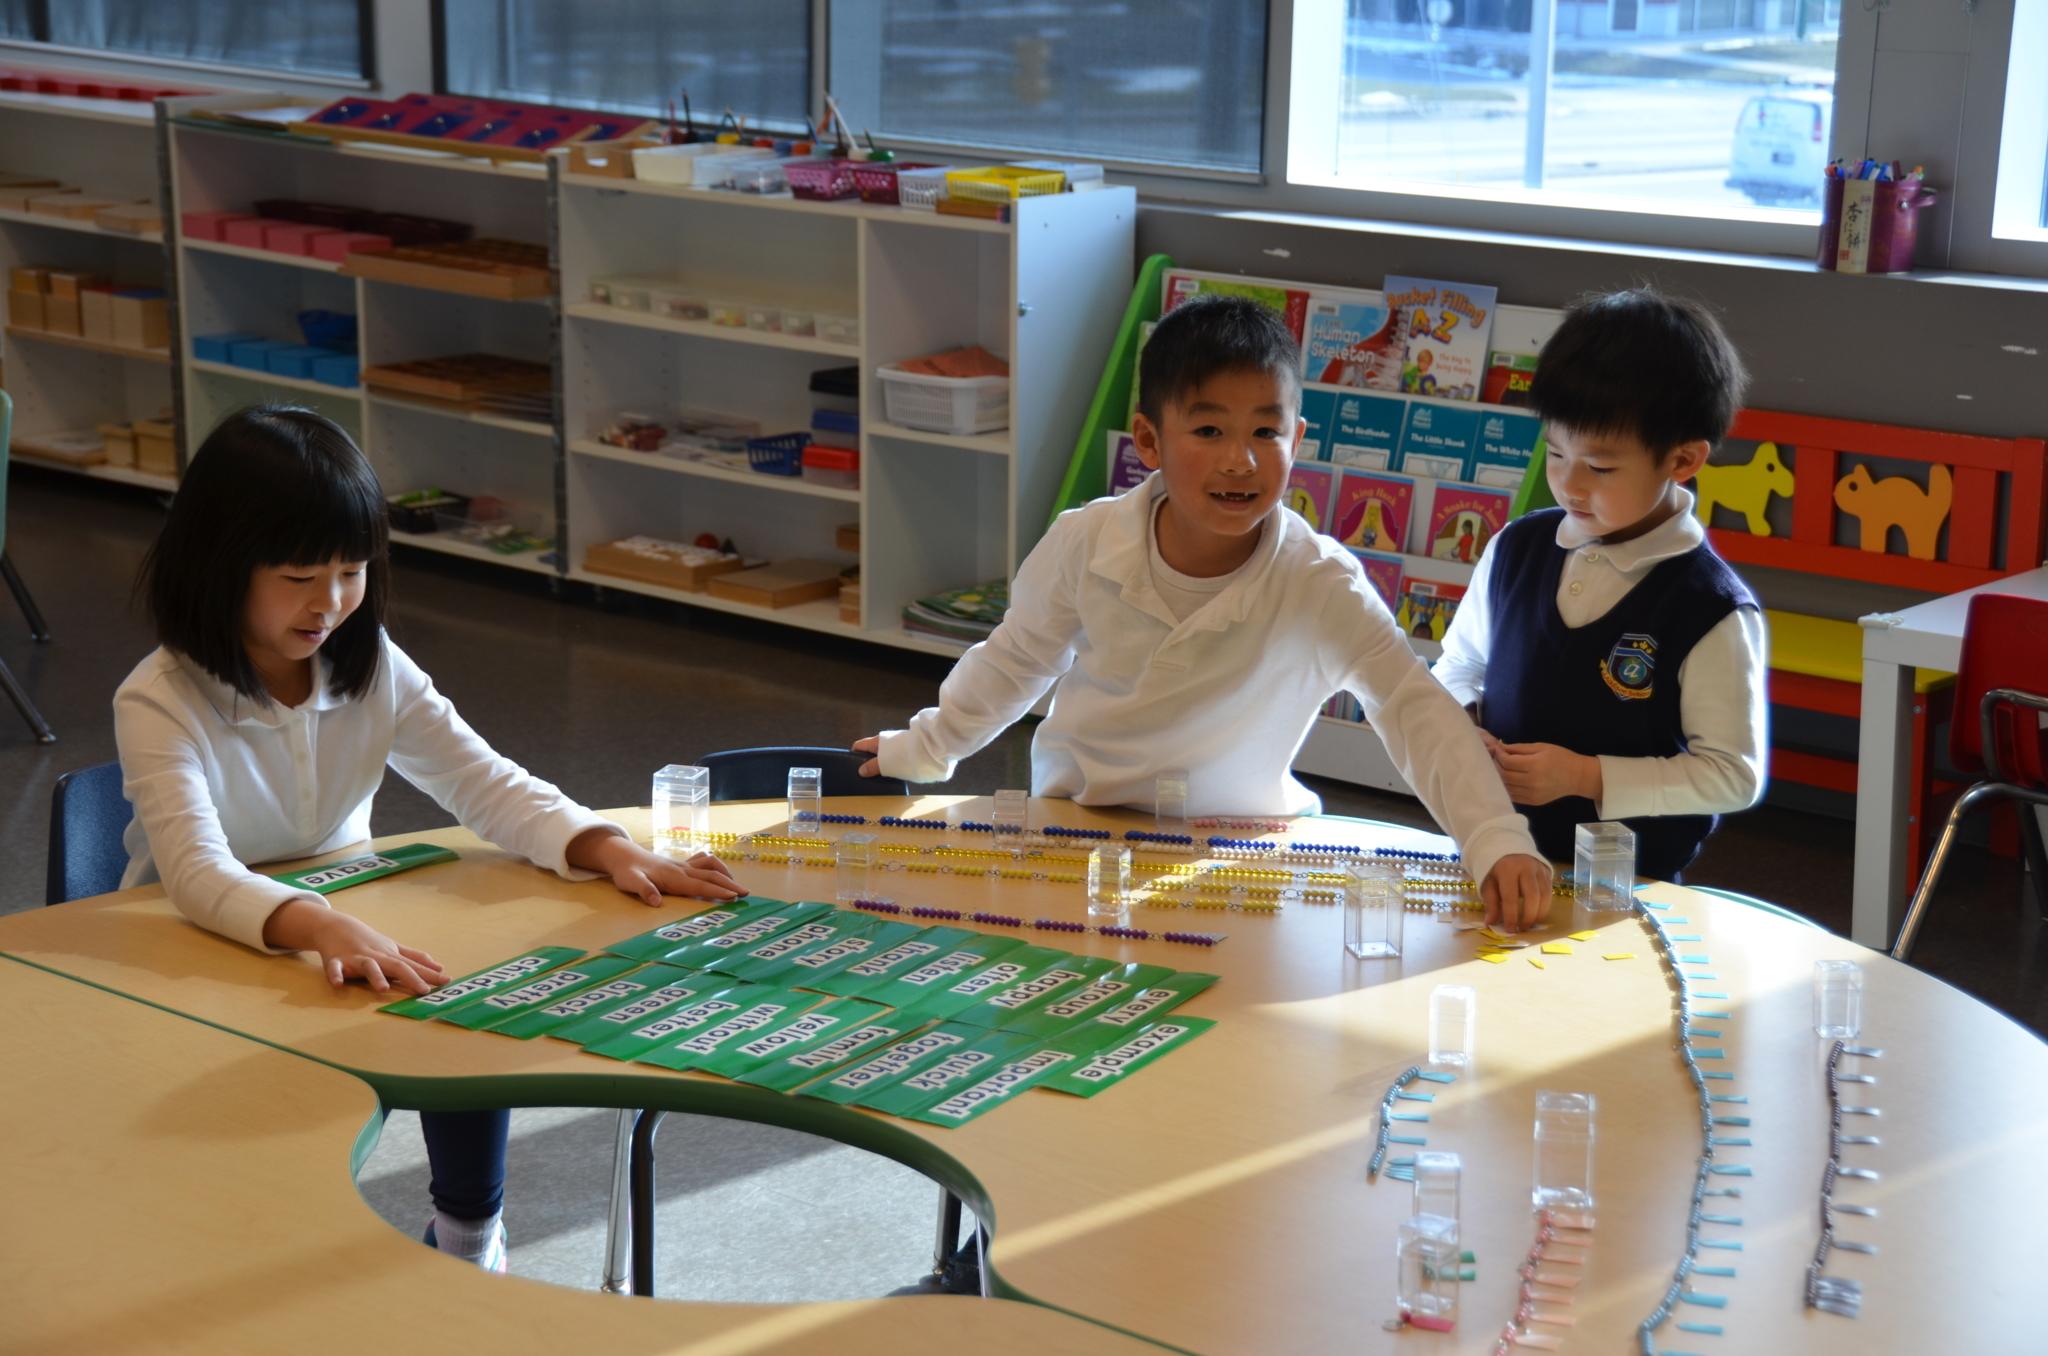 J Addison School in Markham: Montessori classes at J. Addison School